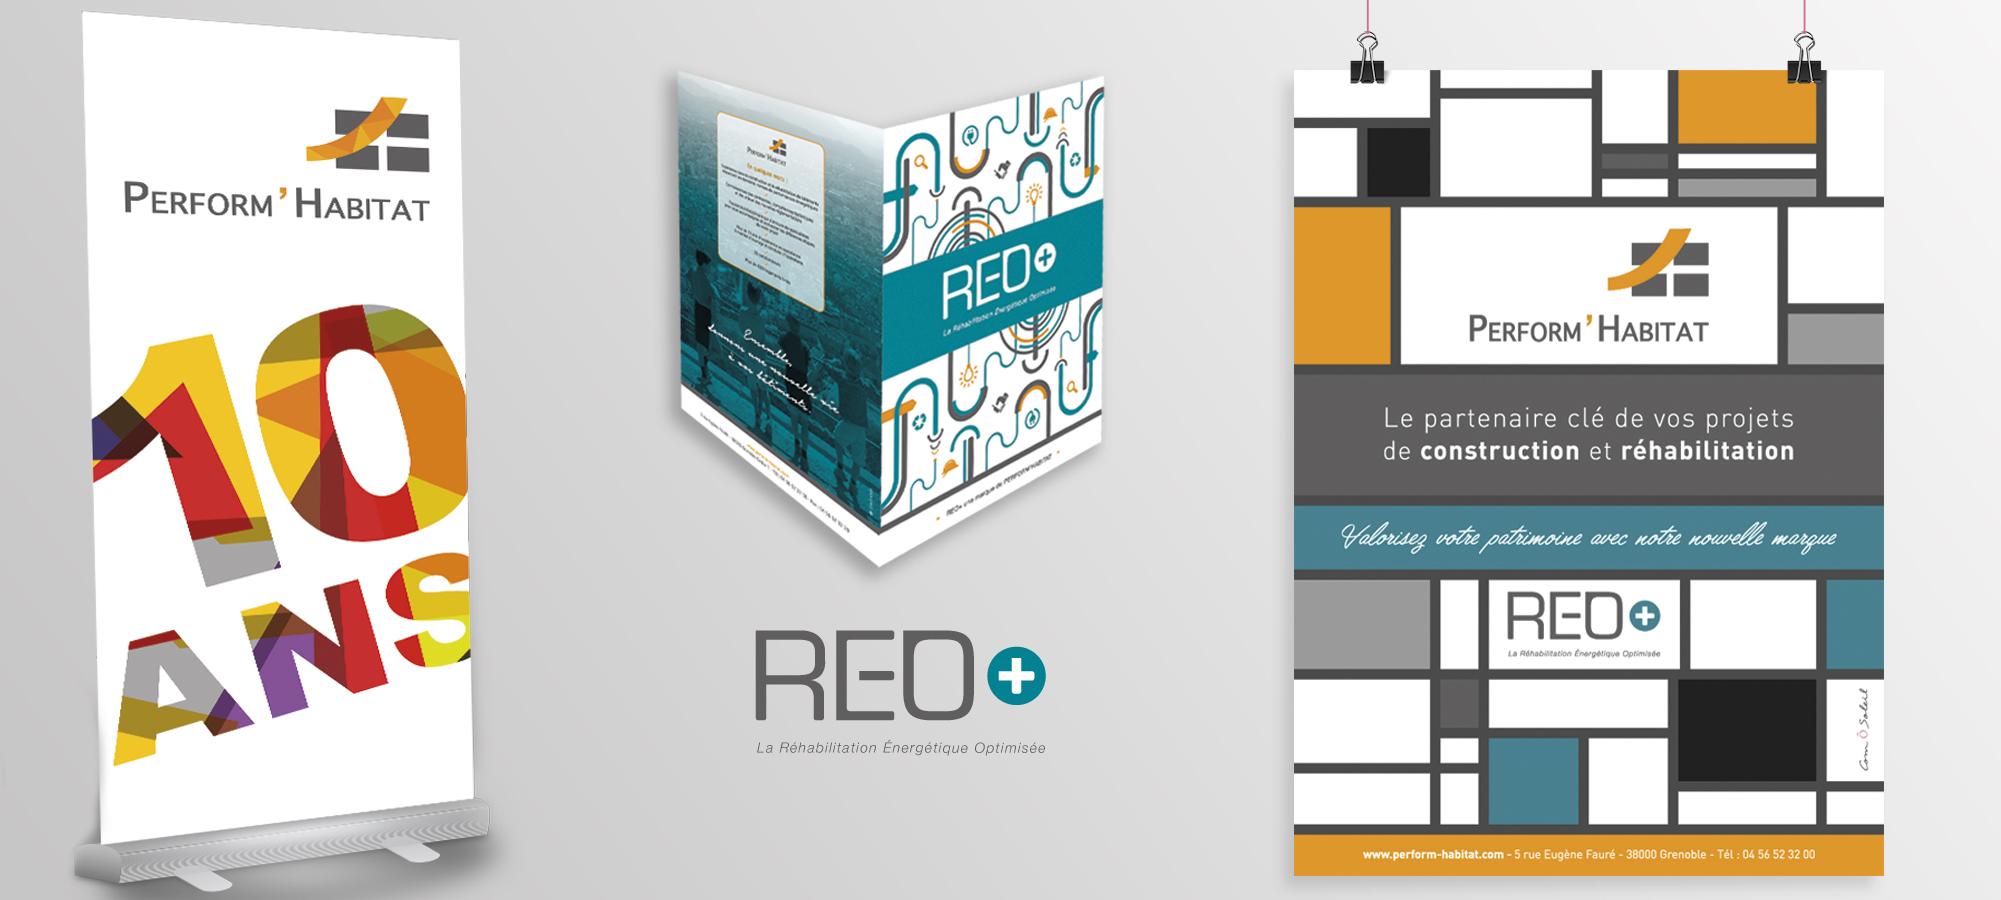 bandeau REO+ Mondrian copie